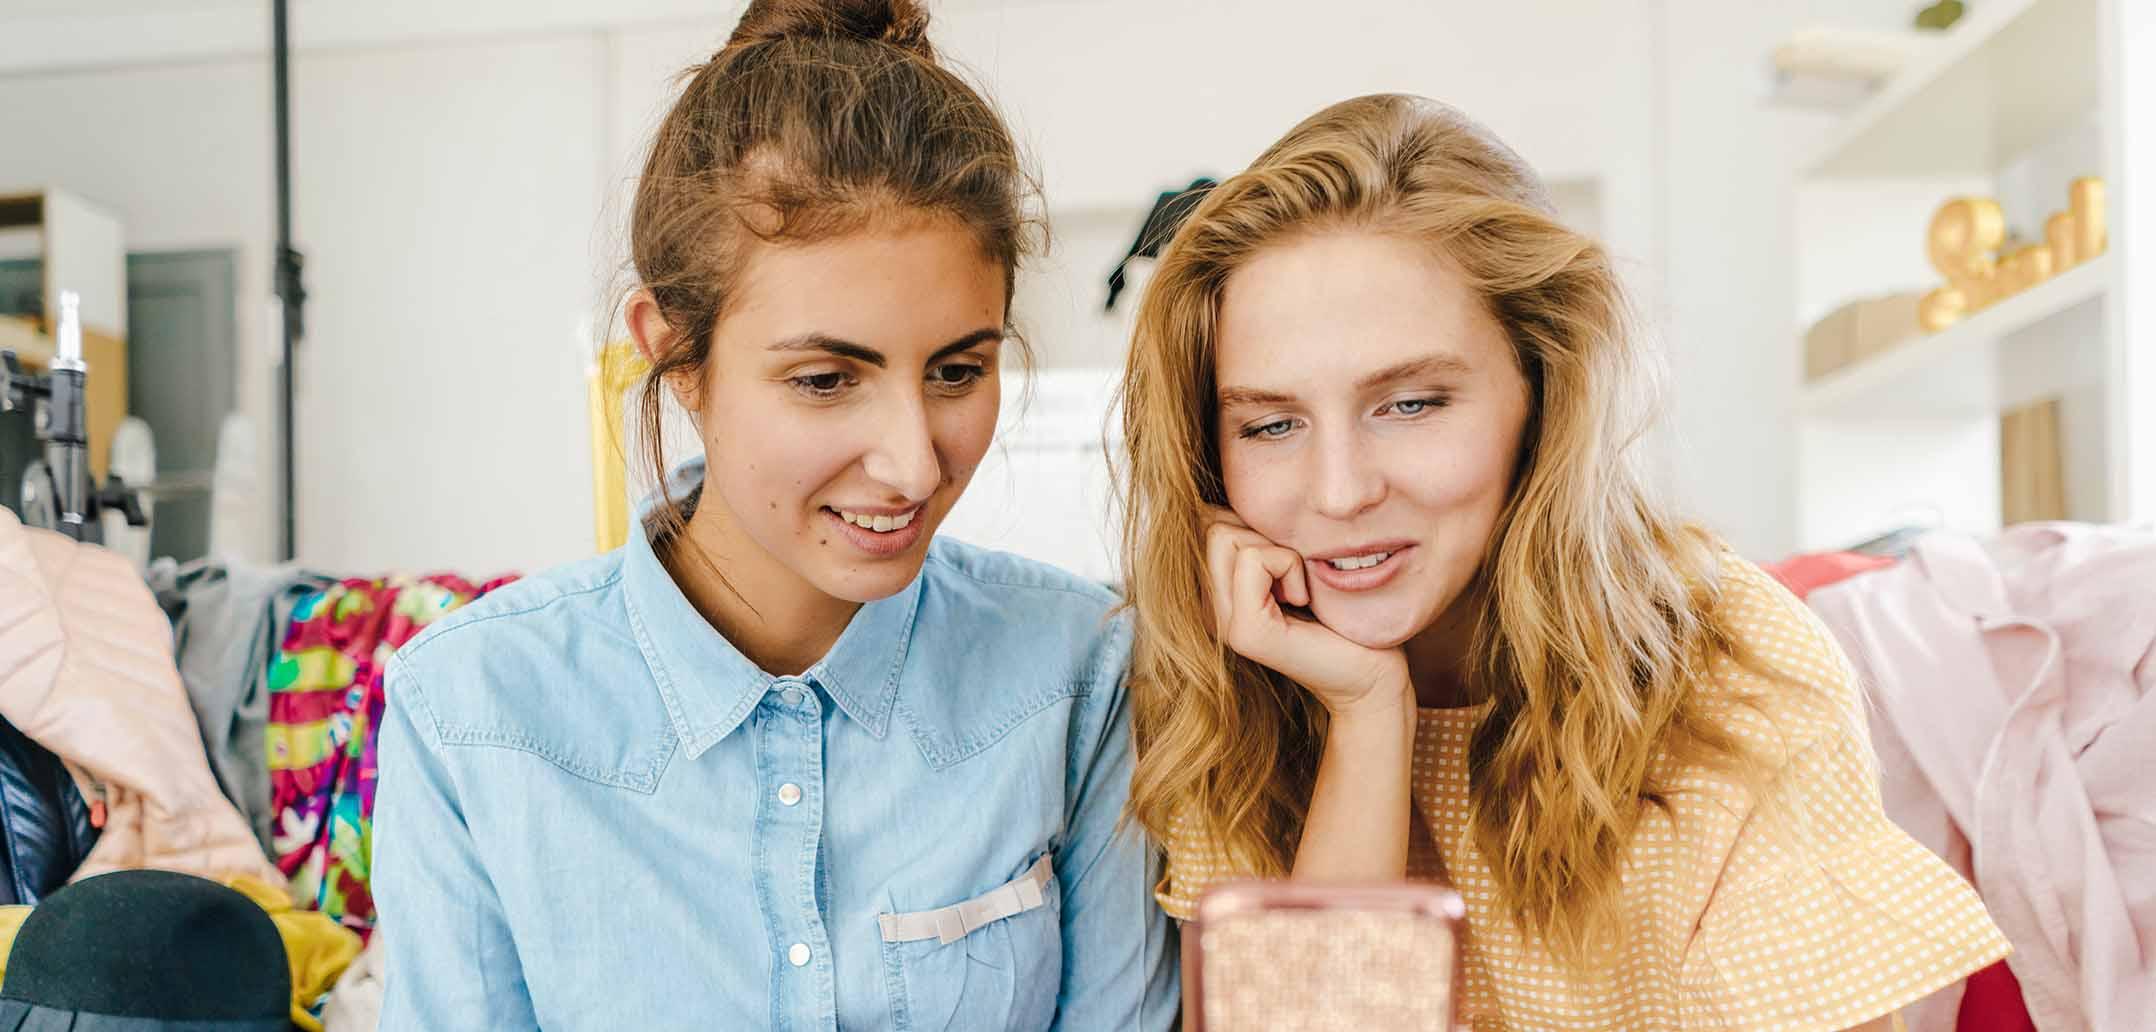 Wenn die beste Freundin für Sie online sucht